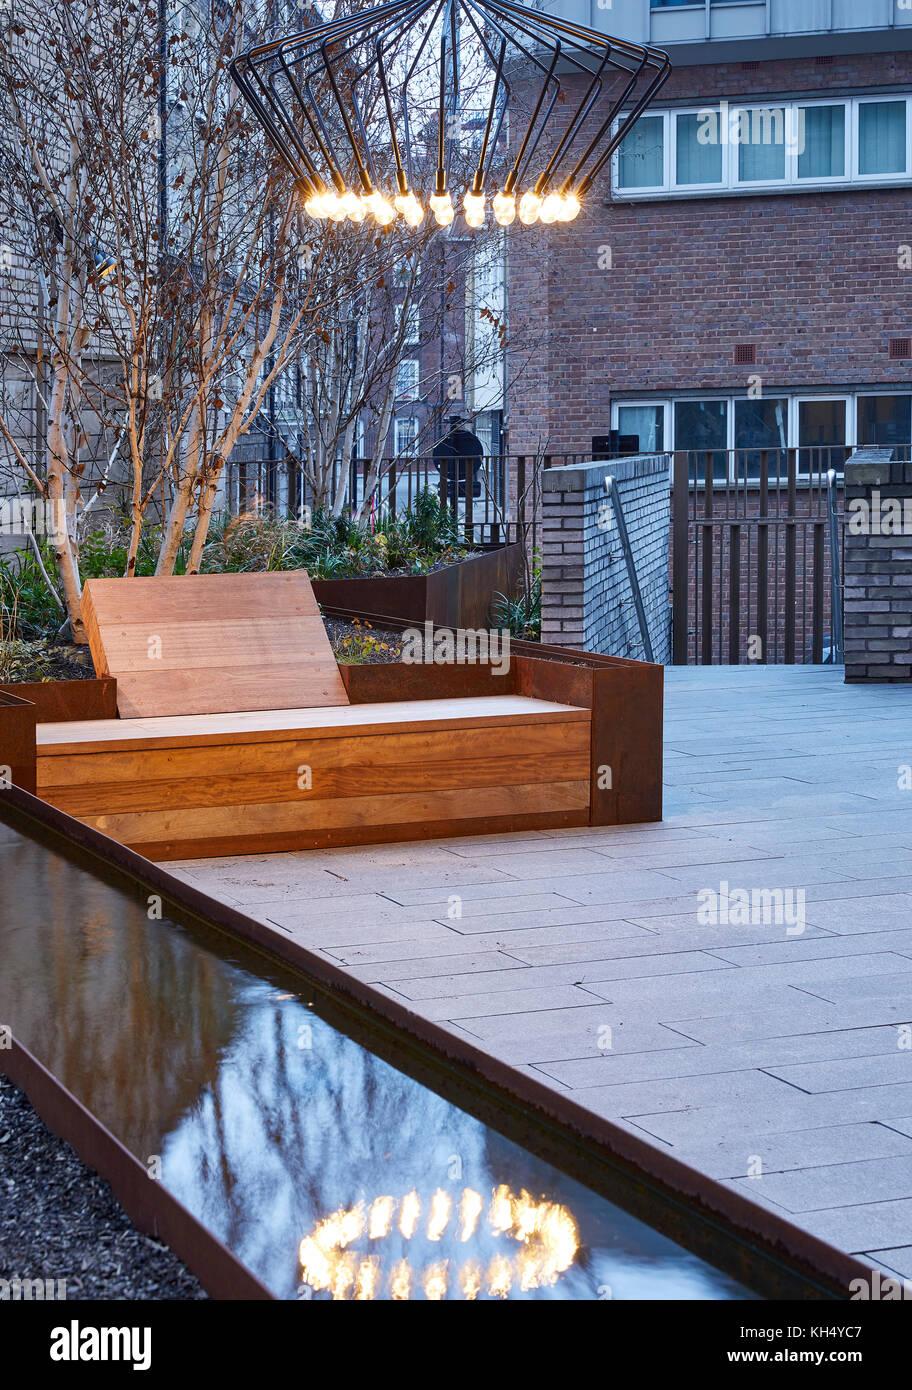 Angelegter Garten mit Beleuchtung und Wasserspiele und hölzernen Sitzgelegenheiten. 55 Victoria Street, London, Stockbild